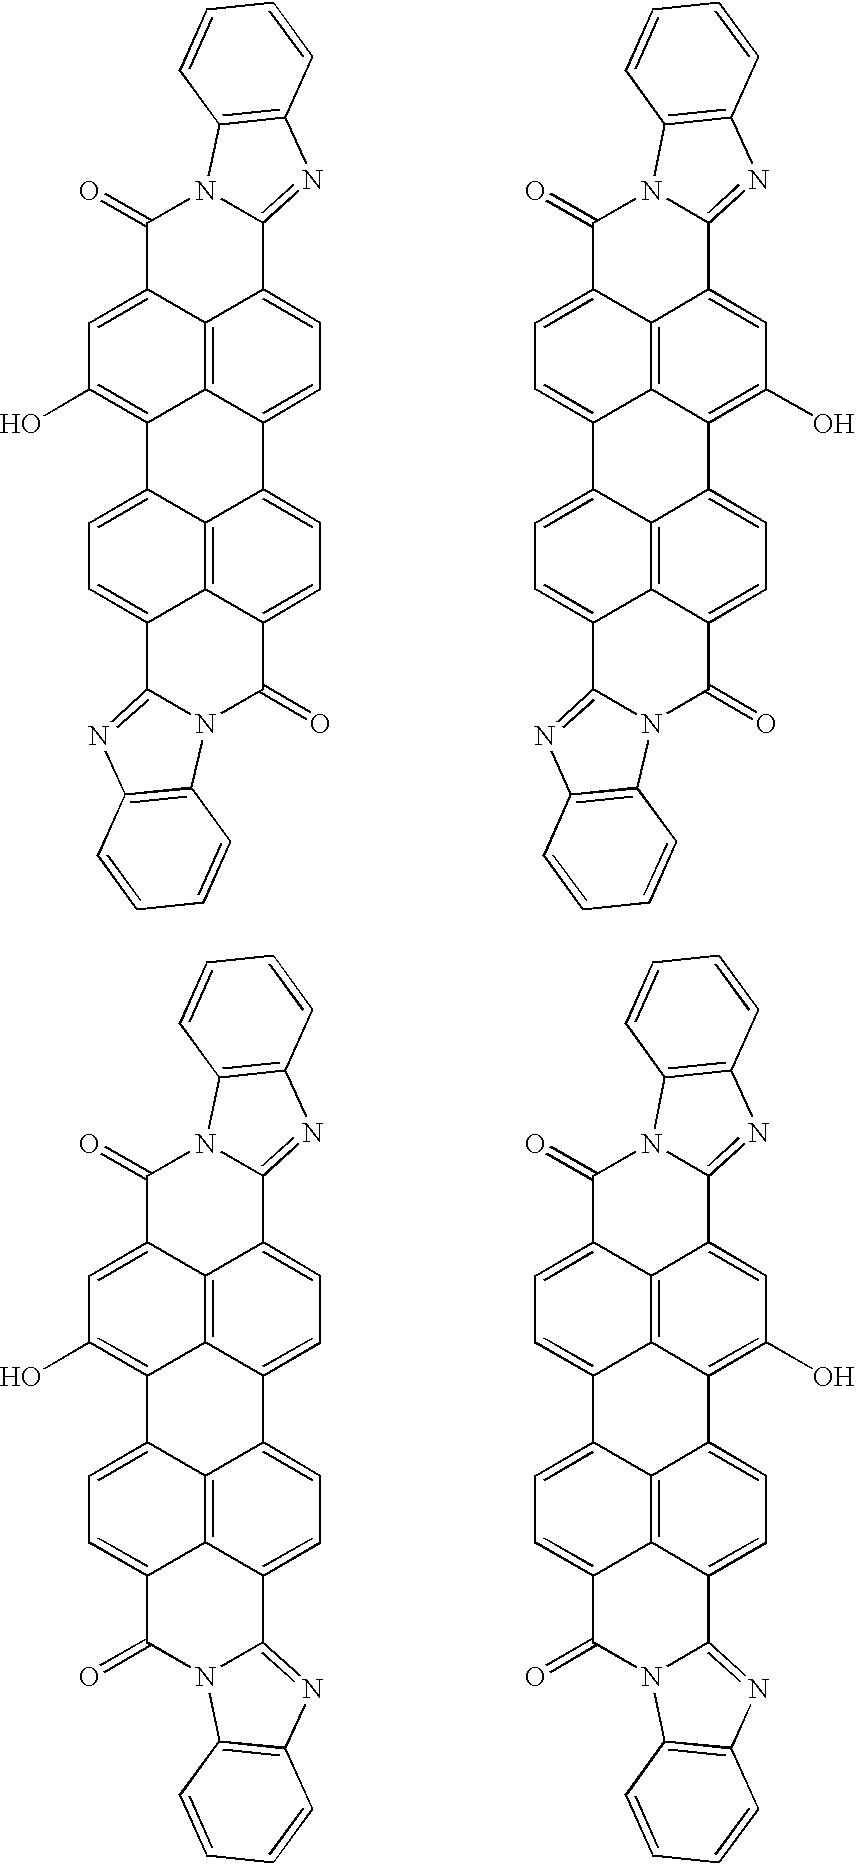 Figure US07025900-20060411-C00010